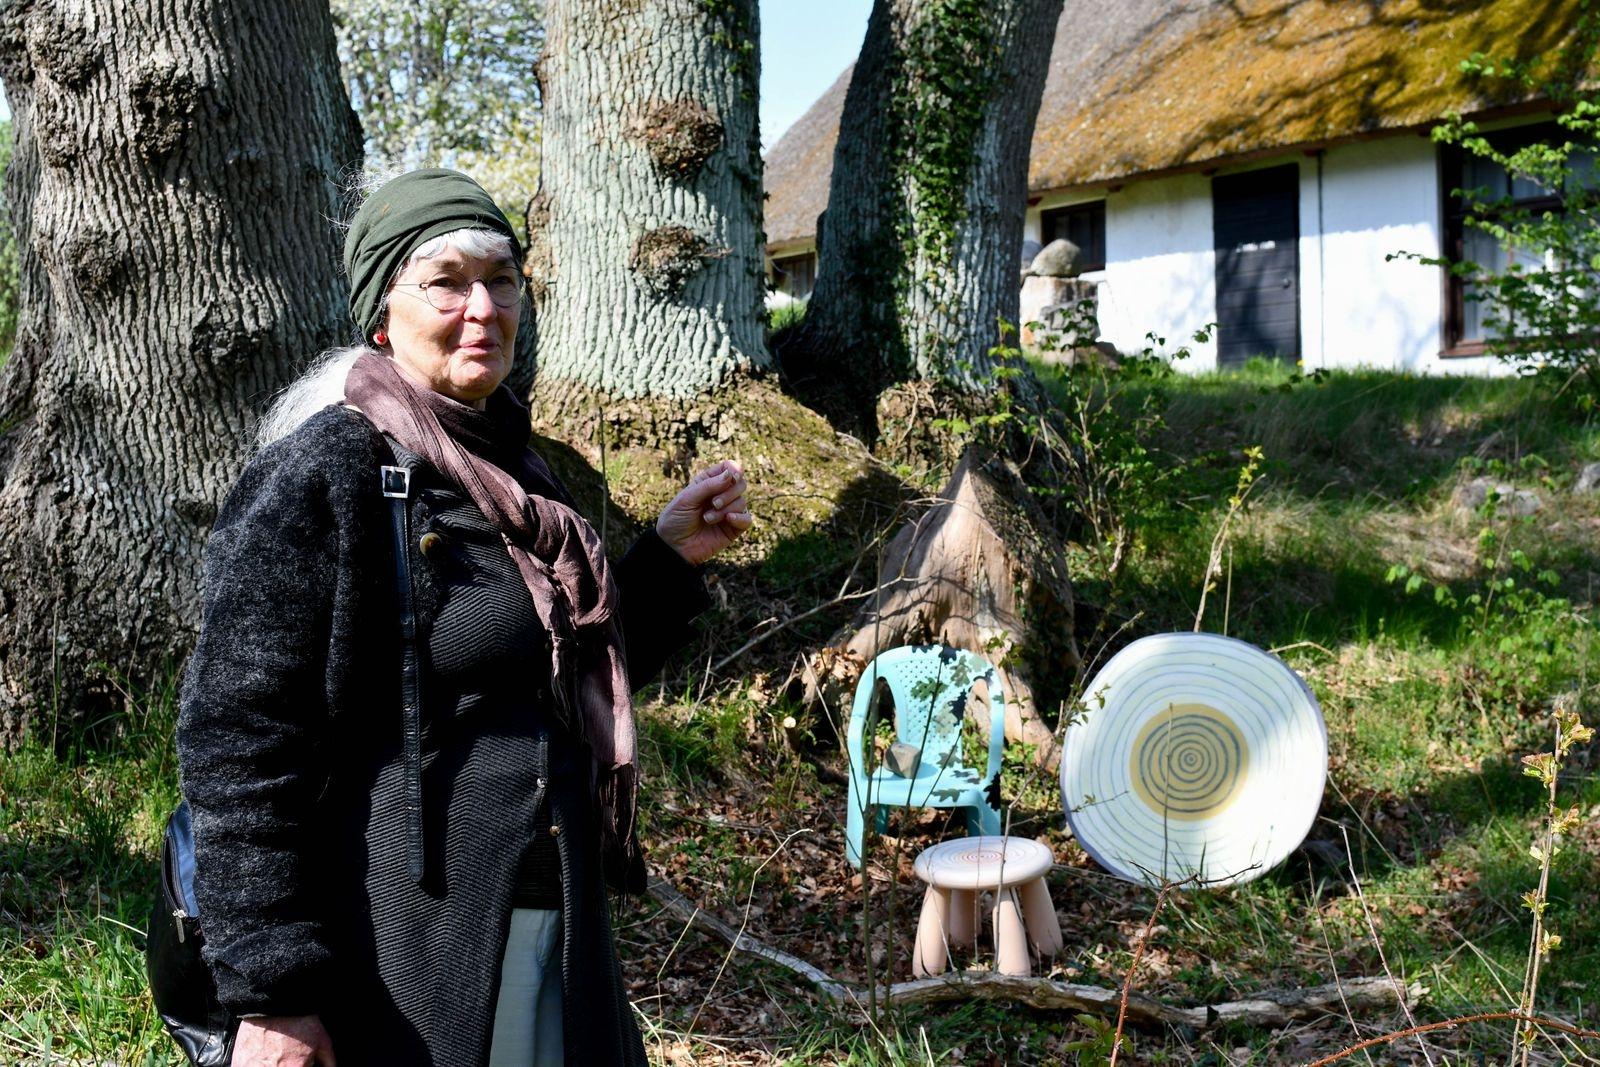 """Carin Persson Åström har hämtat inspiration från trädens årsringar i sitt verk """"Ekarna på Tjörnedala"""". """"Jag kände mig liten under träden och ett barndomsminne växte fram."""""""